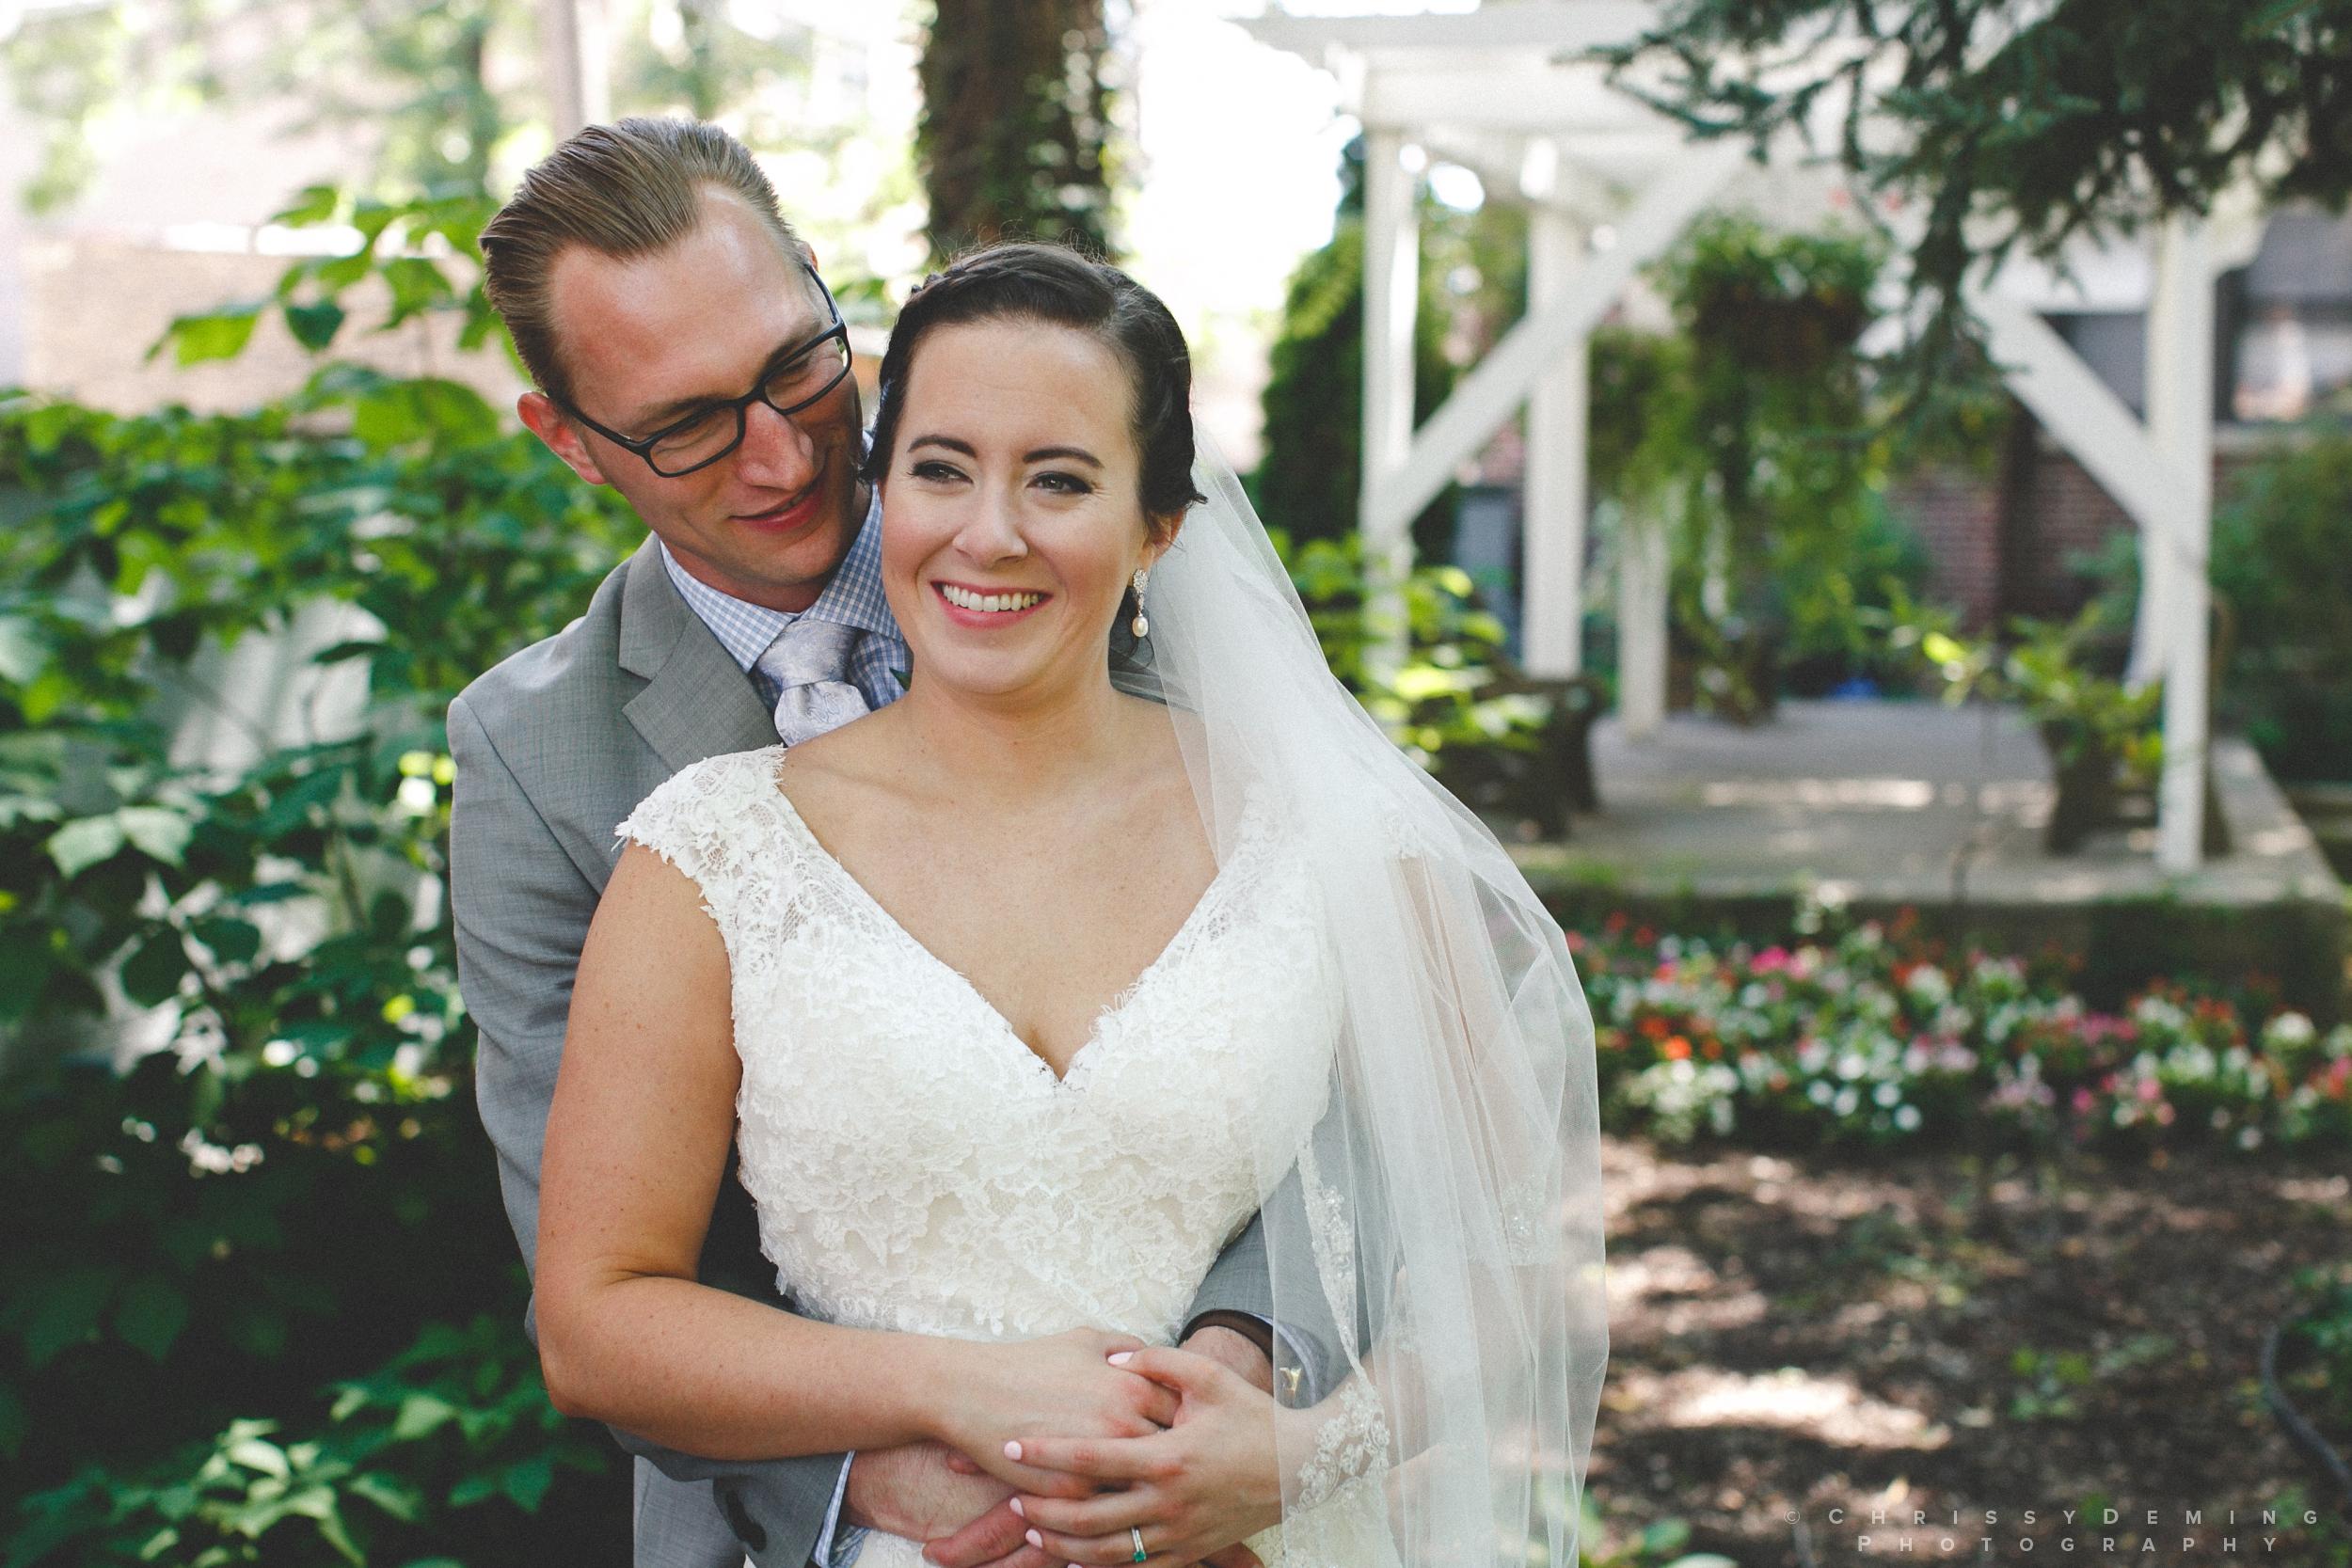 salvatores_chicago_ wedding_photographer_0056.jpg